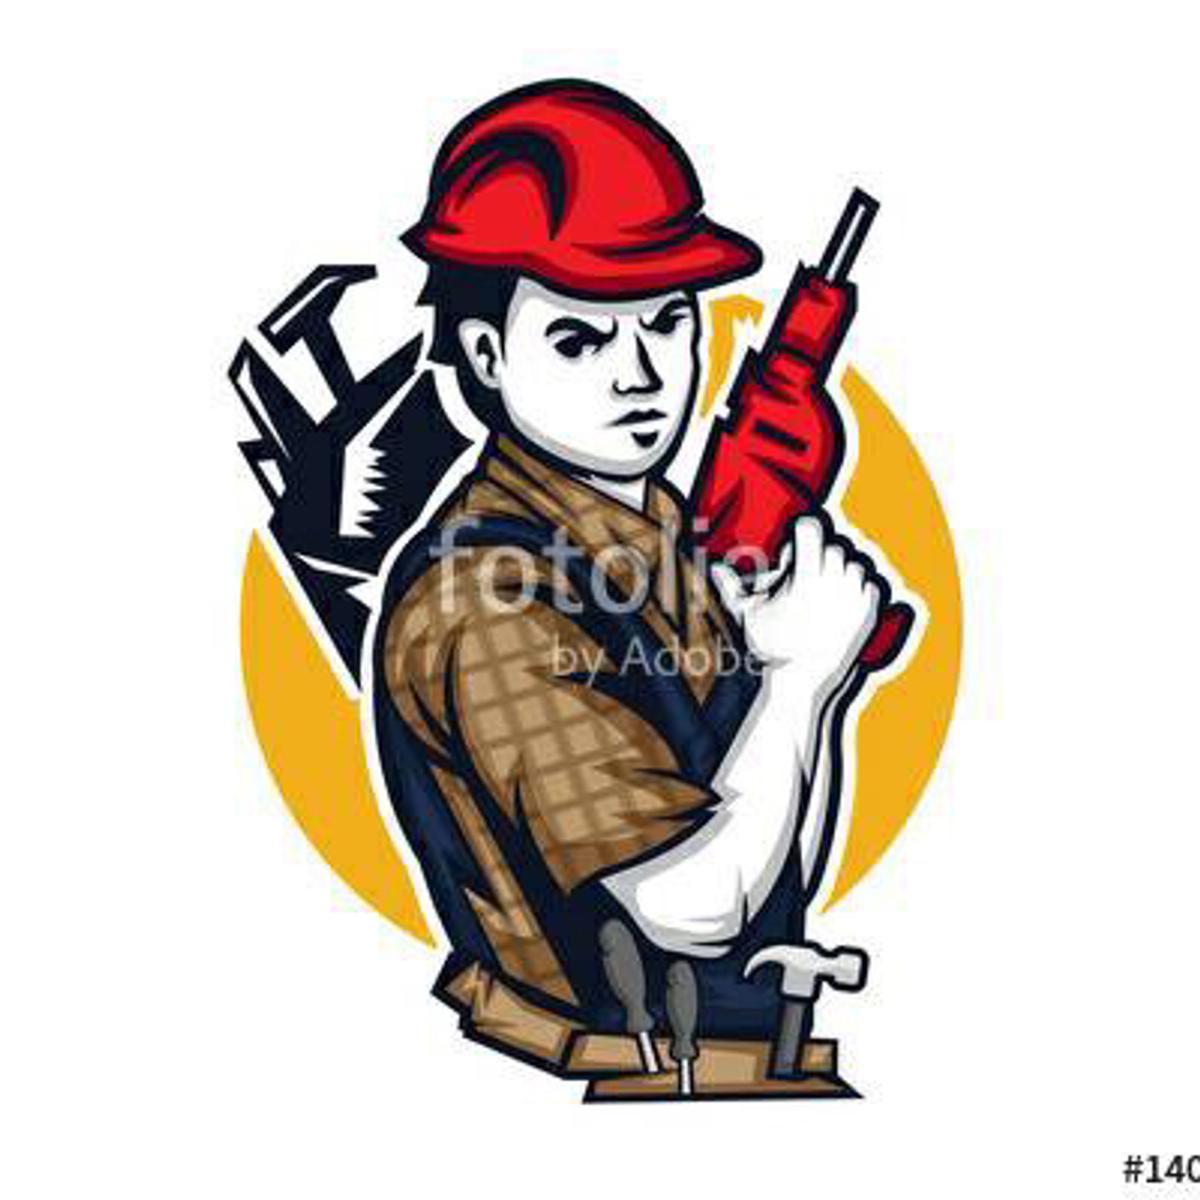 Mr Fix It Handyman Services Jon Bielawski 3 Projects